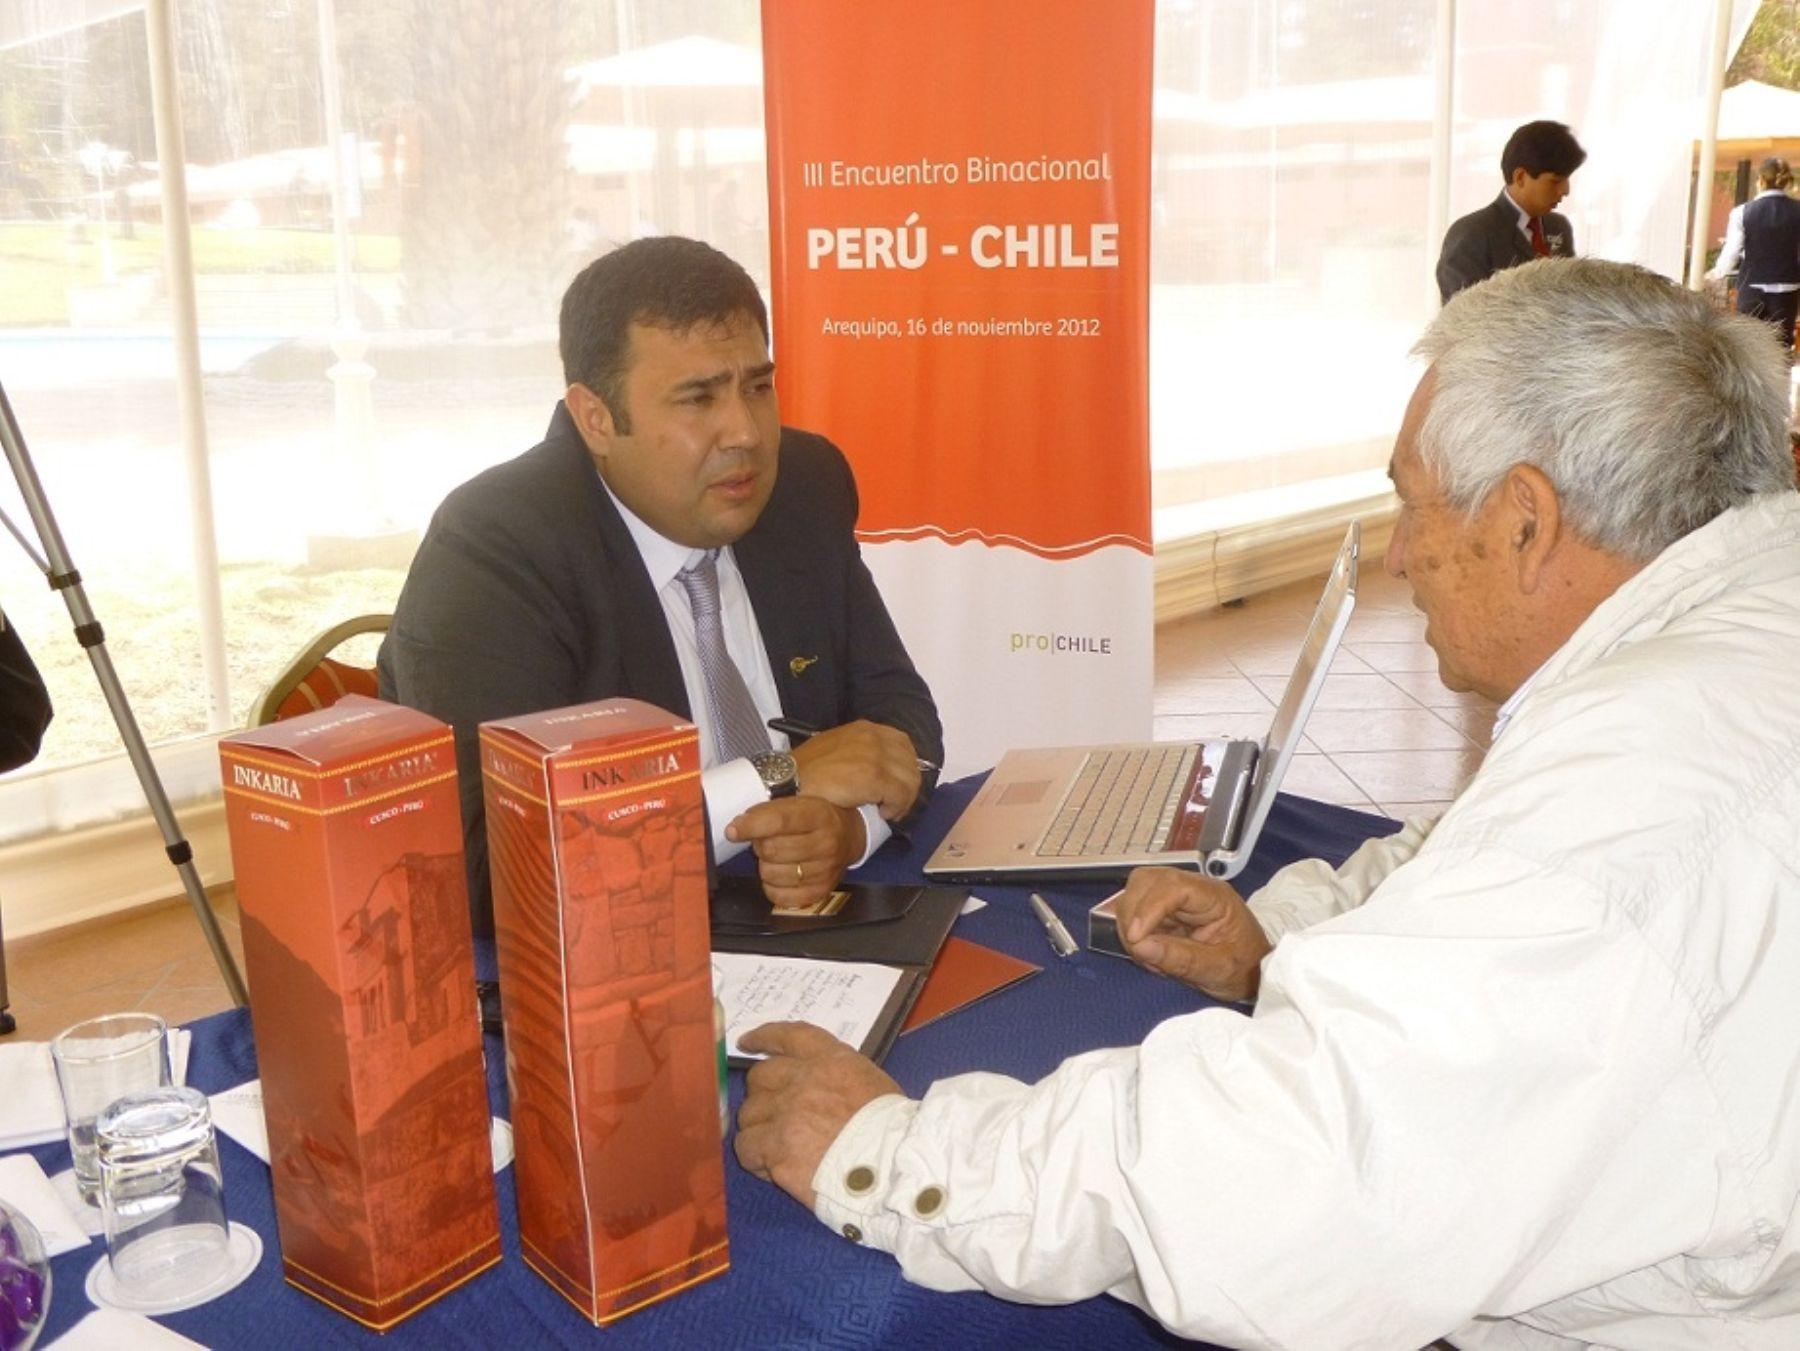 III Encuentro Empresarial Perú – Chile realizado el 16 de noviembre en Arequipa.